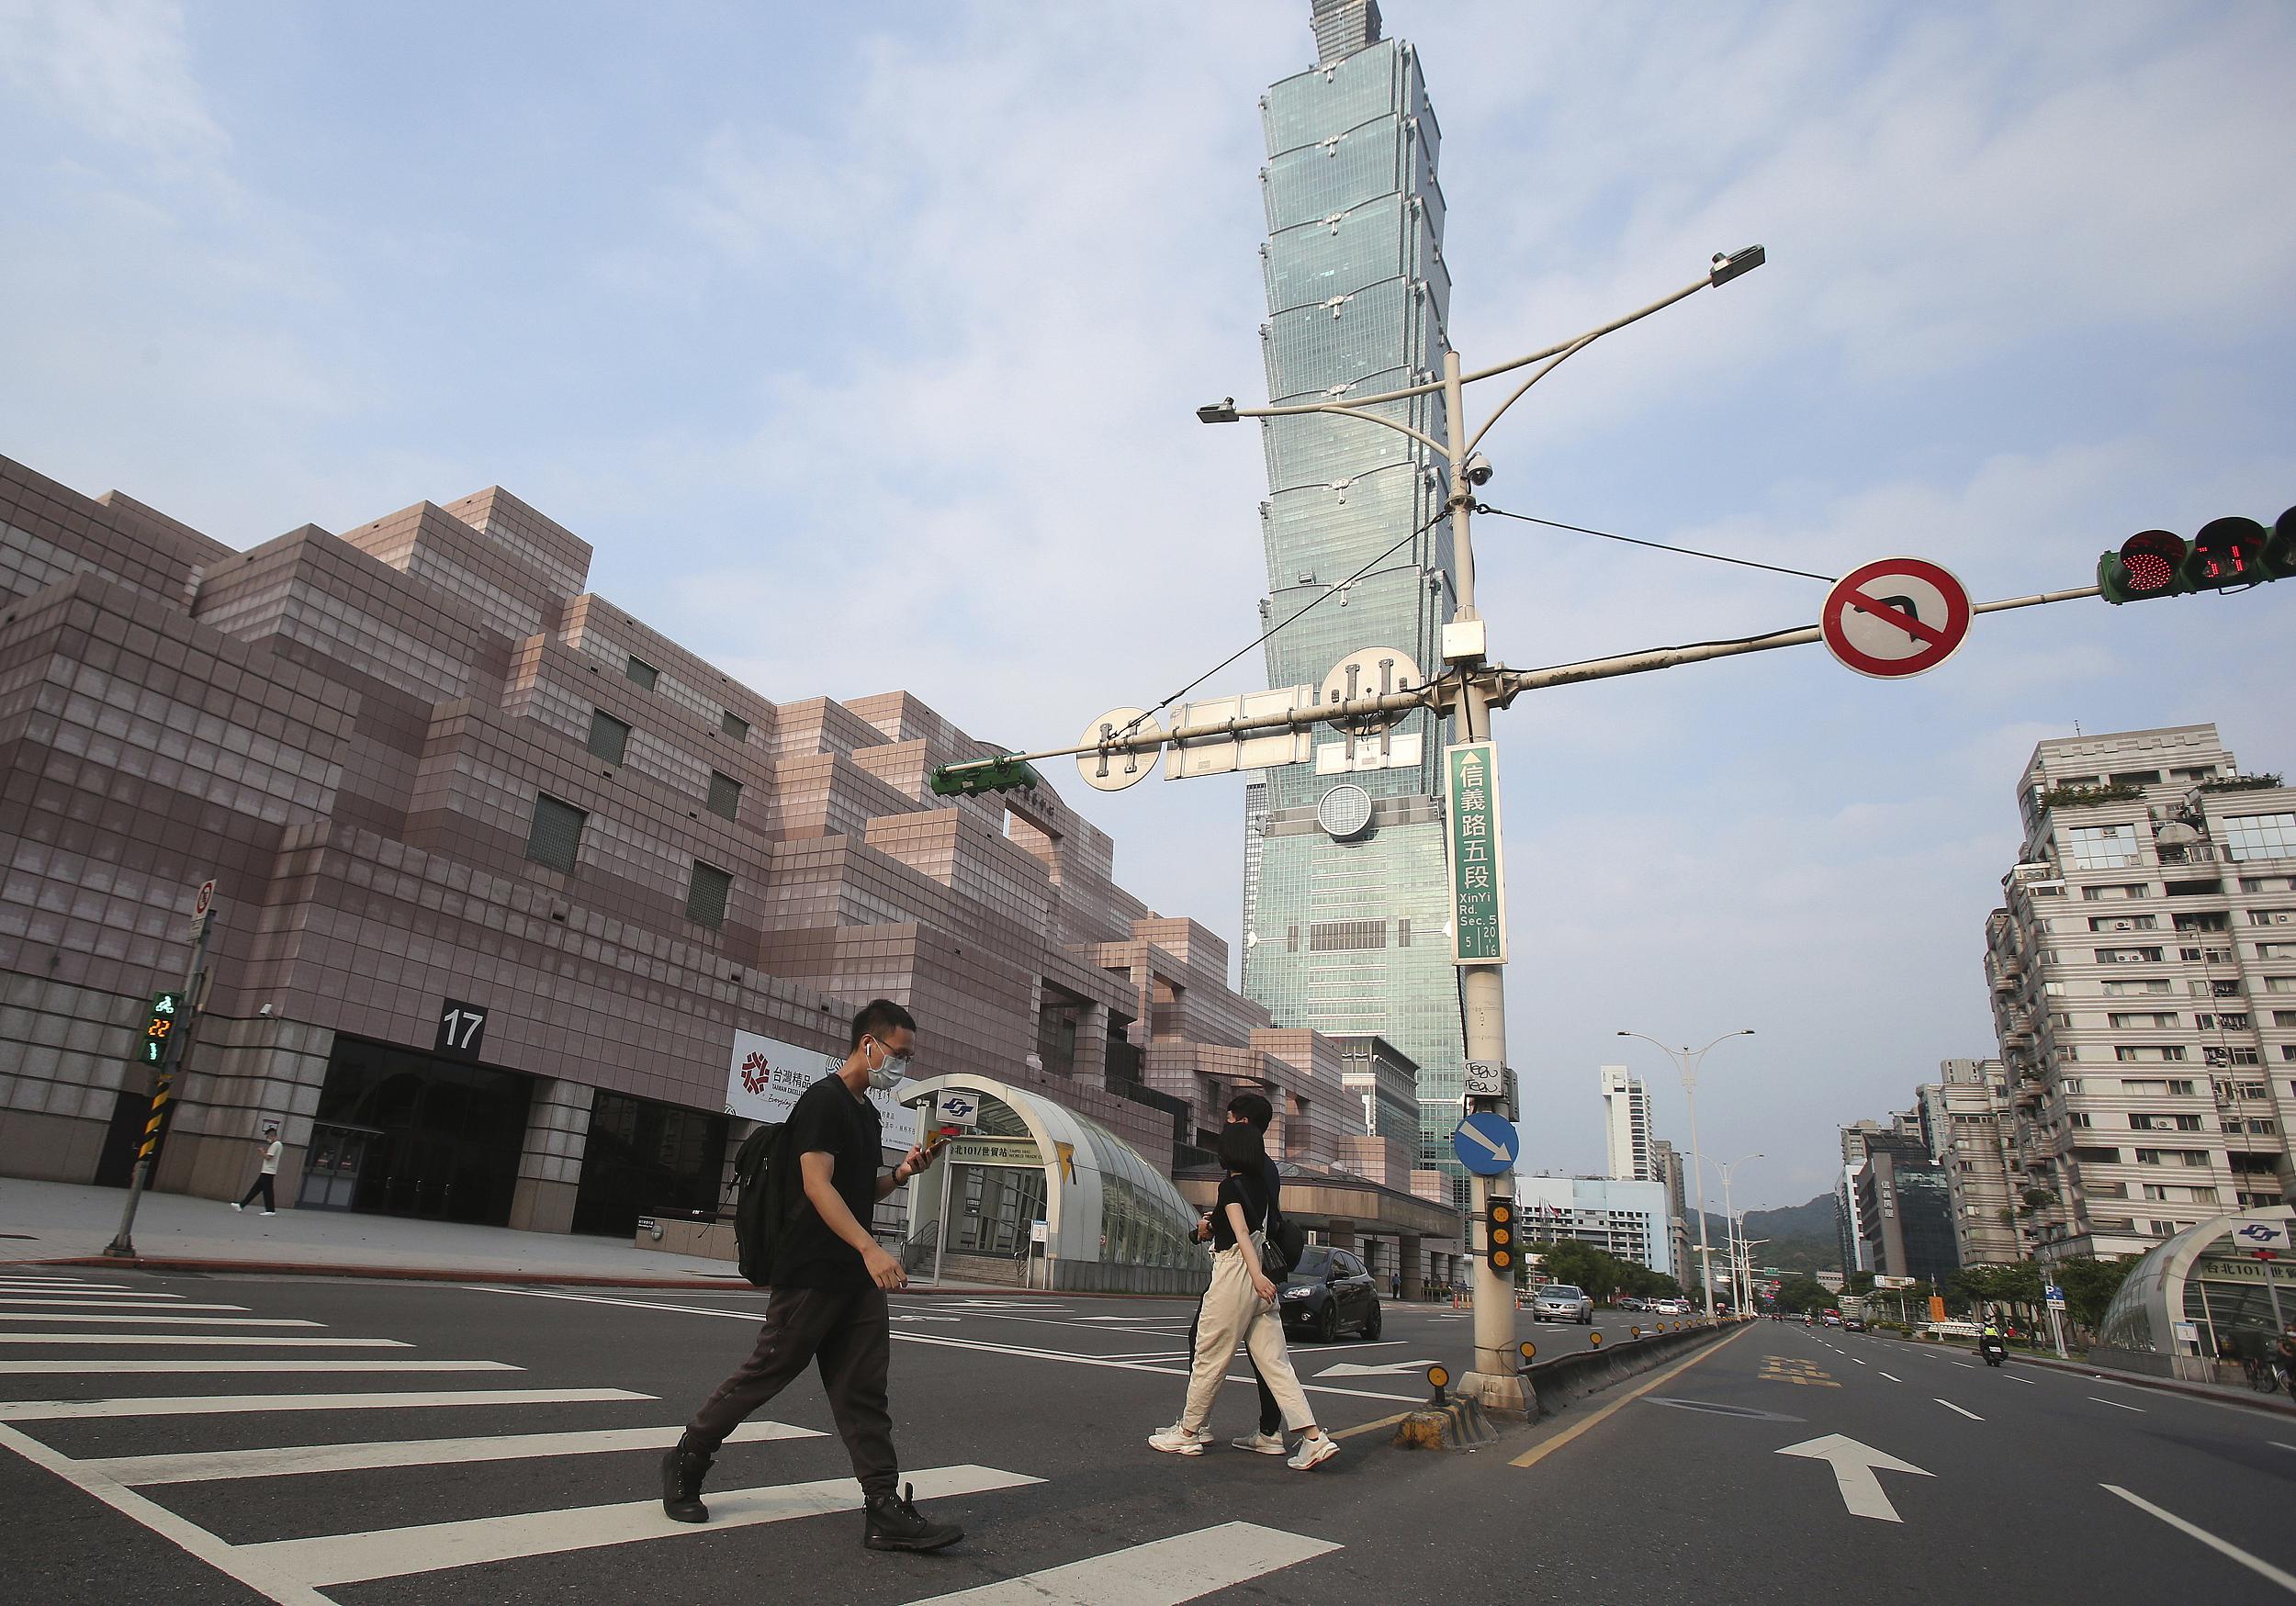 台湾疫情大暴发!台湾加权指数开盘再跌3%